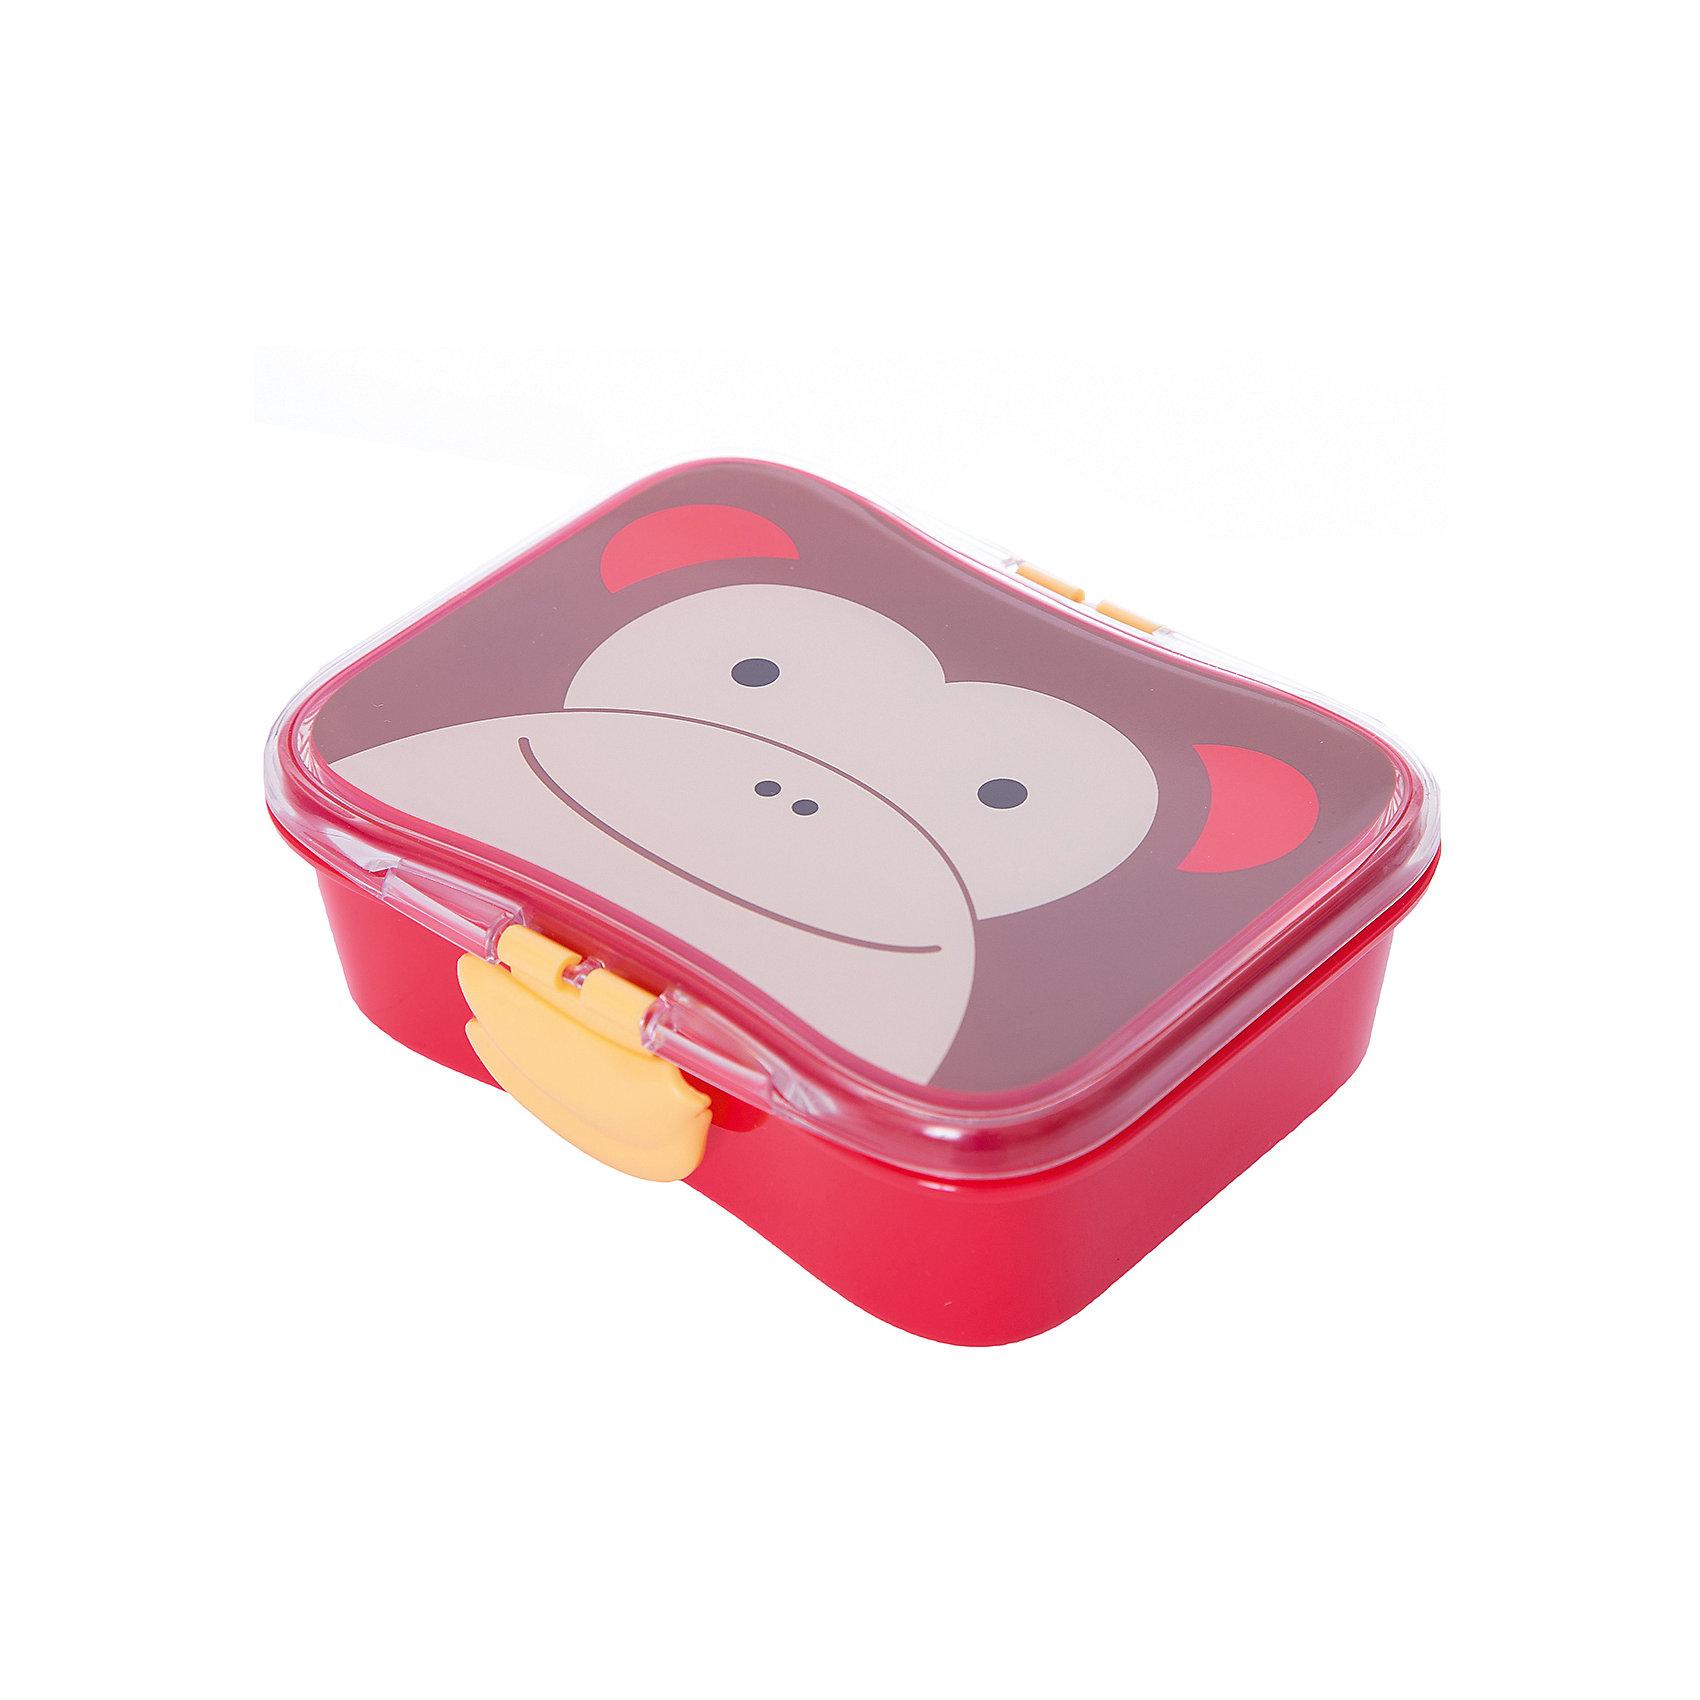 Набор контейнеров для завтрака Обезьяна, Skip HopБутылки для воды и бутербродницы<br>Вкусный обед с любимой зверушкой!<br>Вашему ребенку обязательно понравится этот небольшой яркий контейнер. Его удобно брать в школу, на прогулку в парк. <br>Благодаря дополнительному маленькому контейнеру, вы можете брать с собой два разных блюда. Ваш ребенок сможет самостоятельно открывать и закрывать контейнер, удобные зажимы специально разработаны для маленьких ручек.<br>Достоинства контейнеров Skip Hop Zoo Lunch Kit <br>?Герметичная крышка<br>?В комплекте ланчбокс и маленький контейнер с крышкой<br>?Забавные зажимы<br>?Можно мыть в посудомочечной машине<br>?Прекрасно подойдет для рюкзаков Skip Hop Zoo<br>?Не содержит бисфенол (BPA), поливинилхлорид (PVC) и фталаты (Phthalate).<br>?Объем 700мл<br>с 6 месяцев<br>размер 17*14*6см<br><br>Ширина мм: 183<br>Глубина мм: 146<br>Высота мм: 63<br>Вес г: 220<br>Цвет: красный/коричневый<br>Возраст от месяцев: 1<br>Возраст до месяцев: 36<br>Пол: Унисекс<br>Возраст: Детский<br>SKU: 3971245